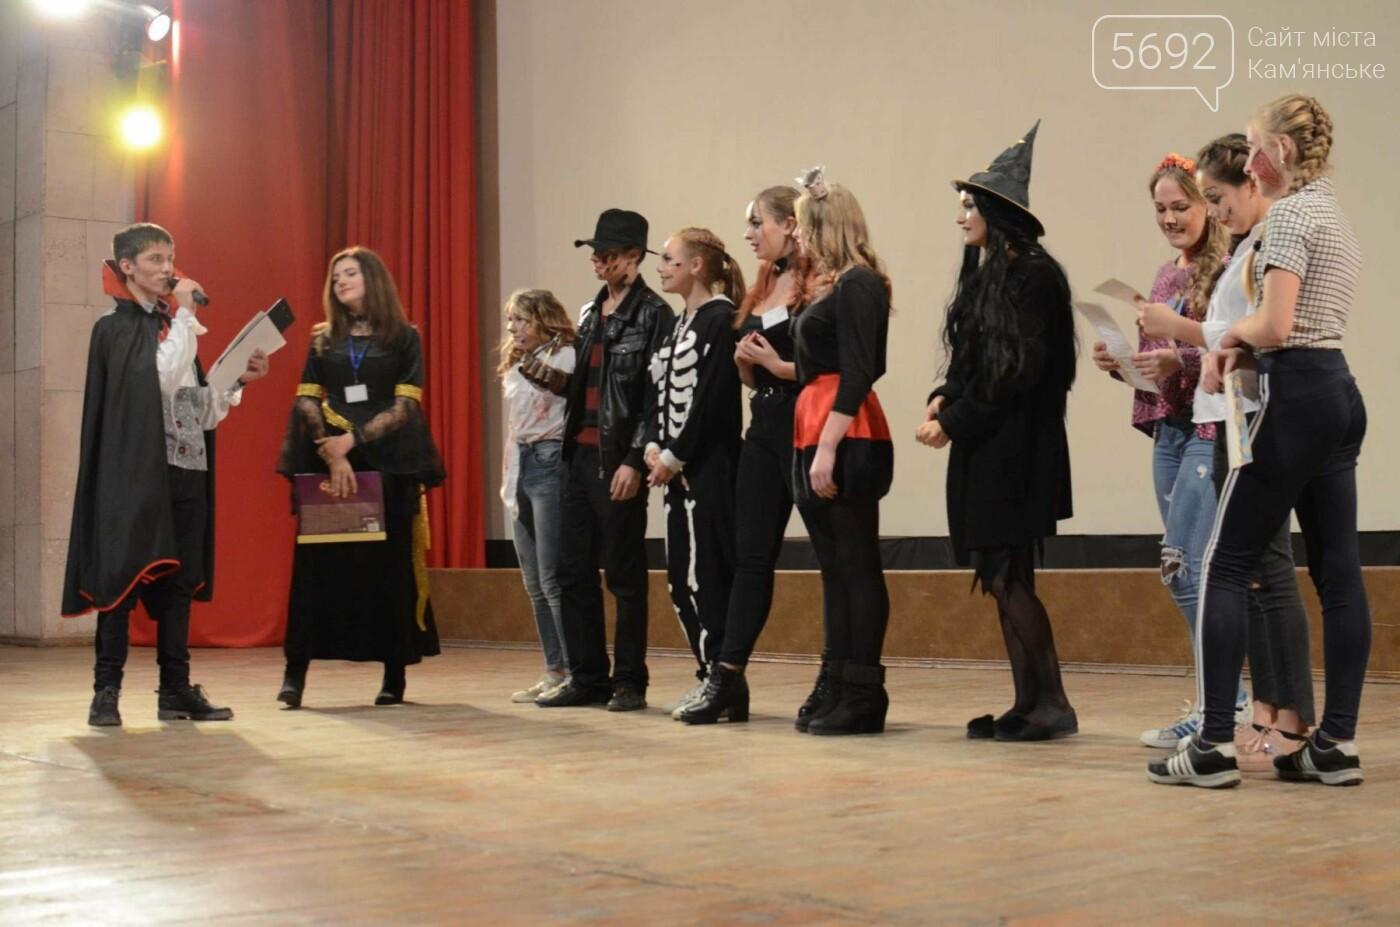 Ночь кино в Каменском посвятили Хэллоуину, фото-15